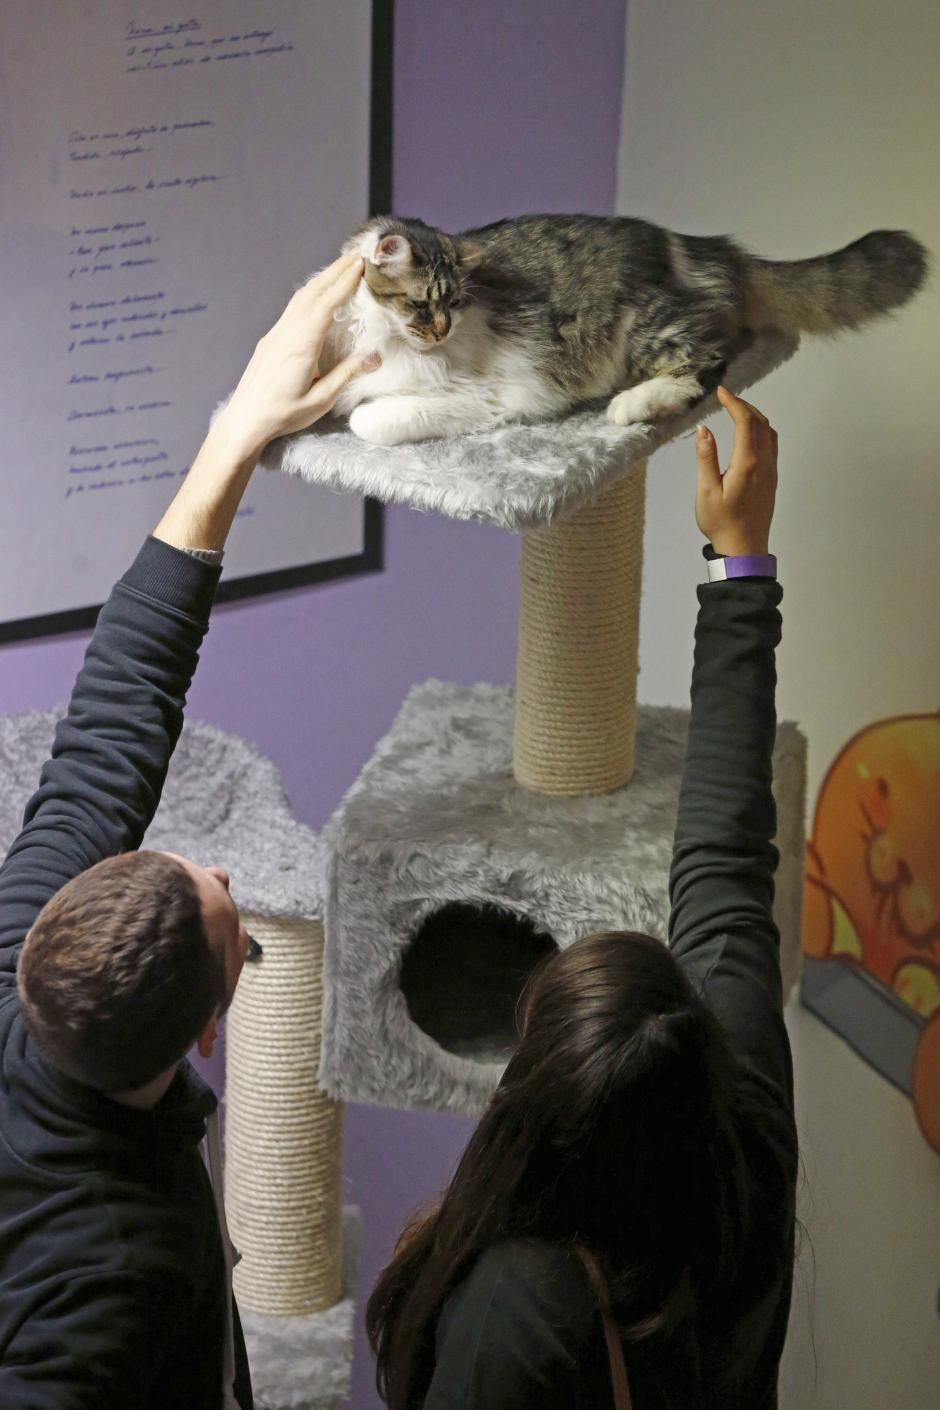 Los clientes disfrutan de la compañía de estos animales y de los beneficios de su ronroneo. (Foto: EFE)